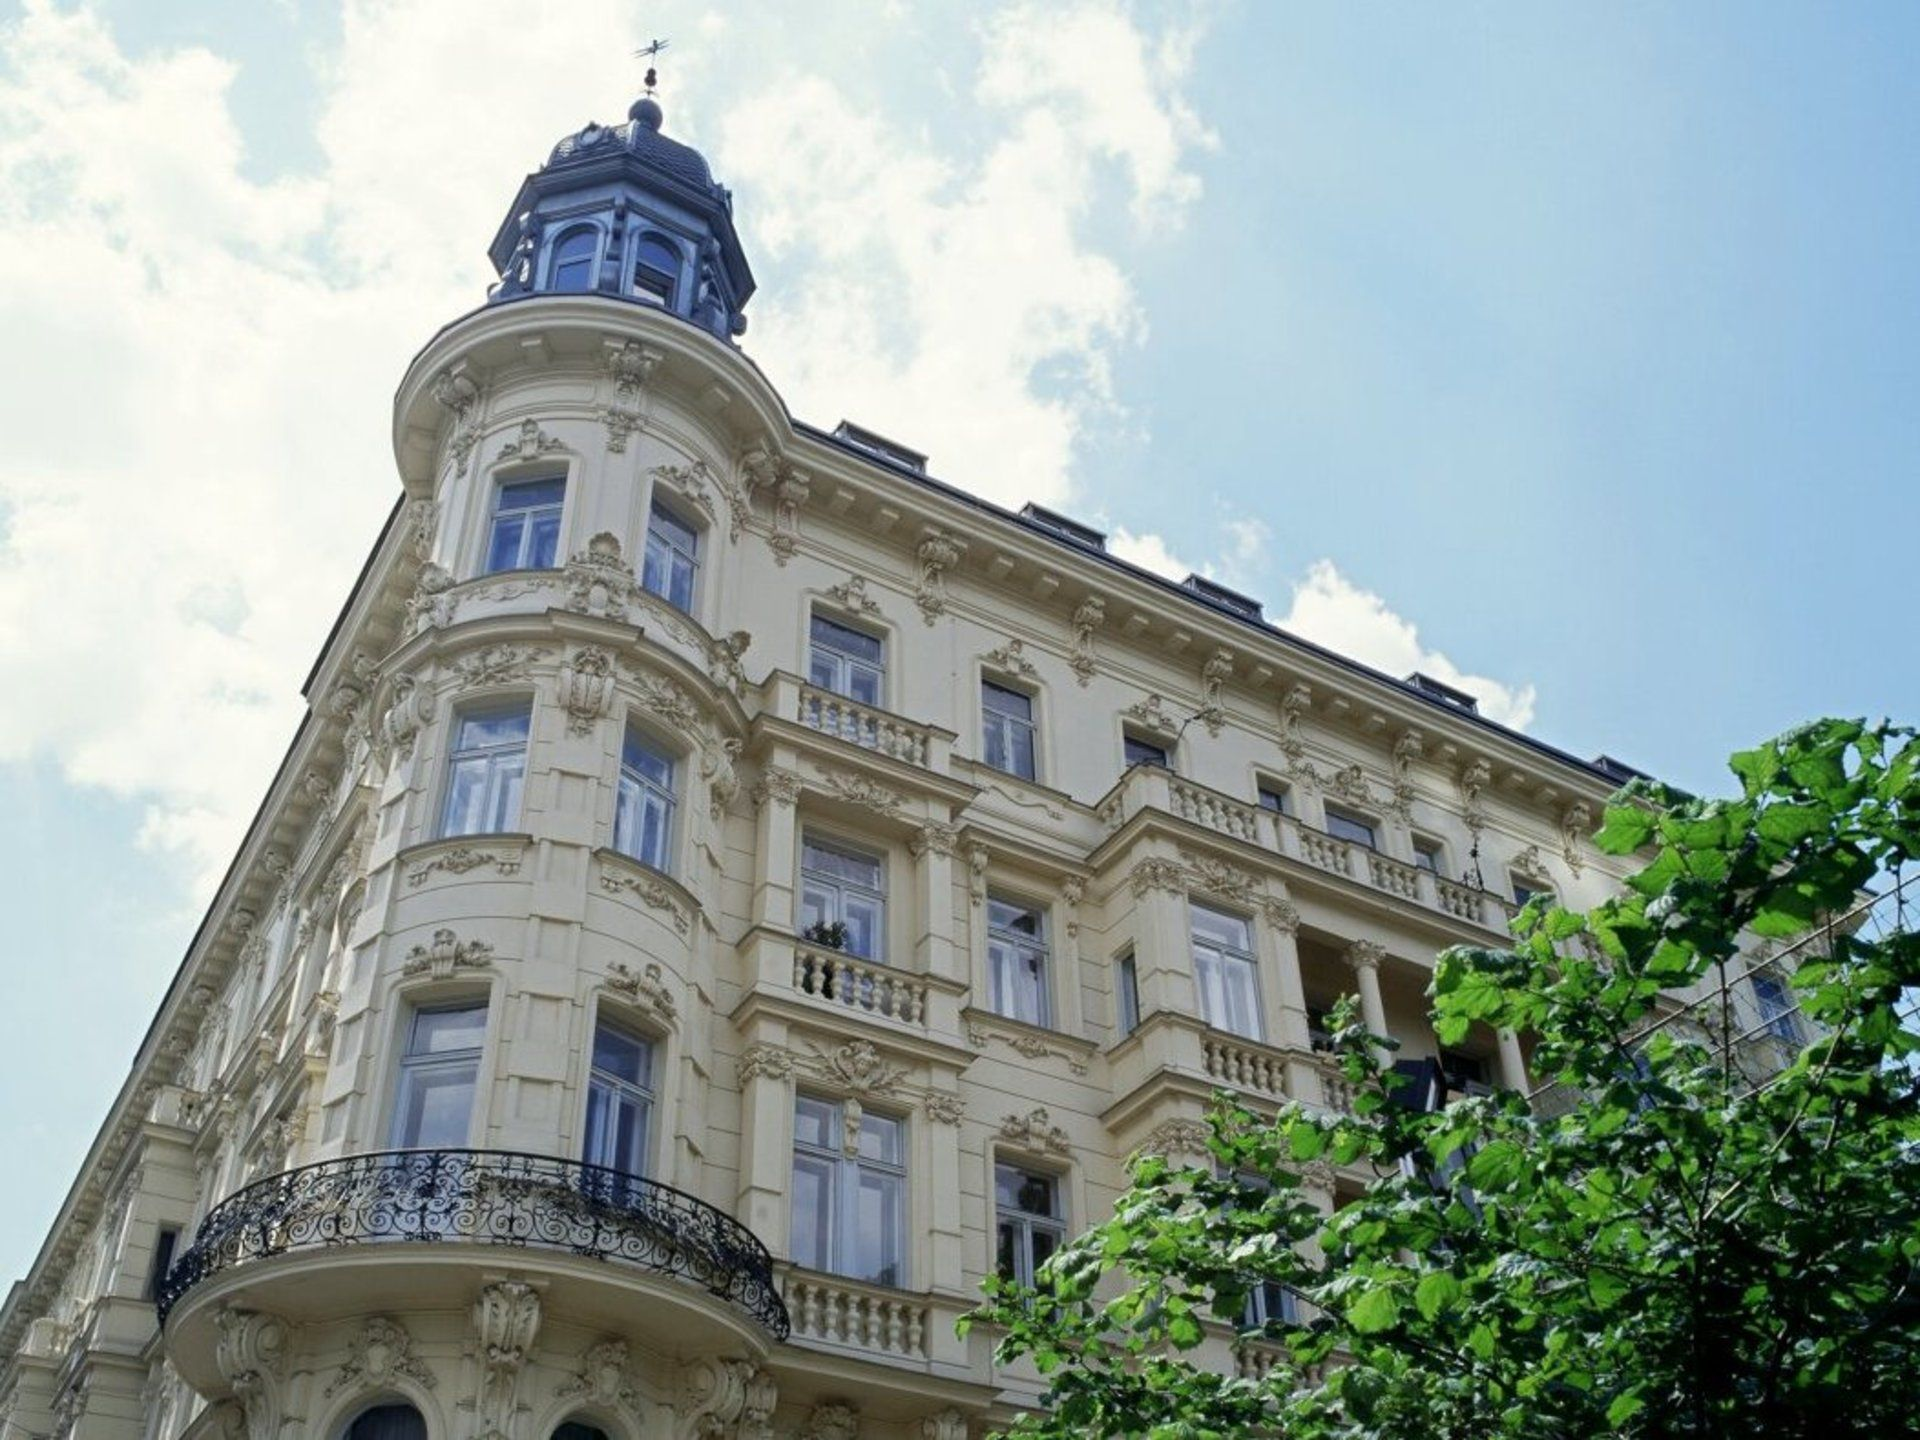 Blümelgasse, 1060 Wien